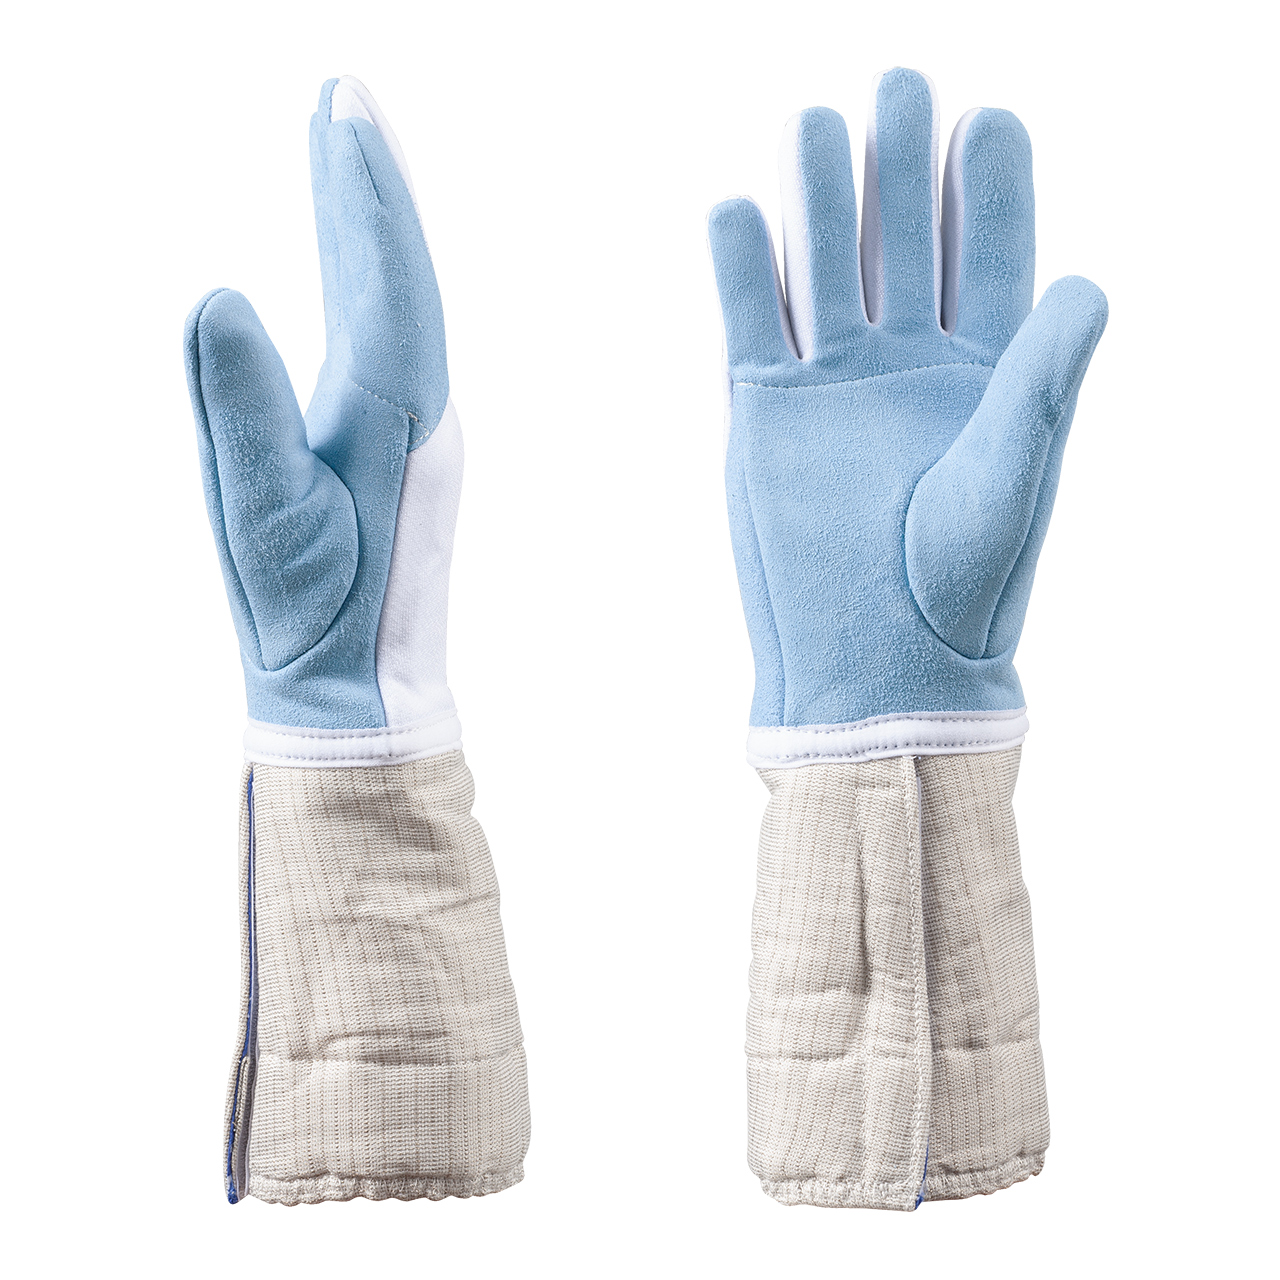 Säbel-Handschuh FIE 800N, elektrisch